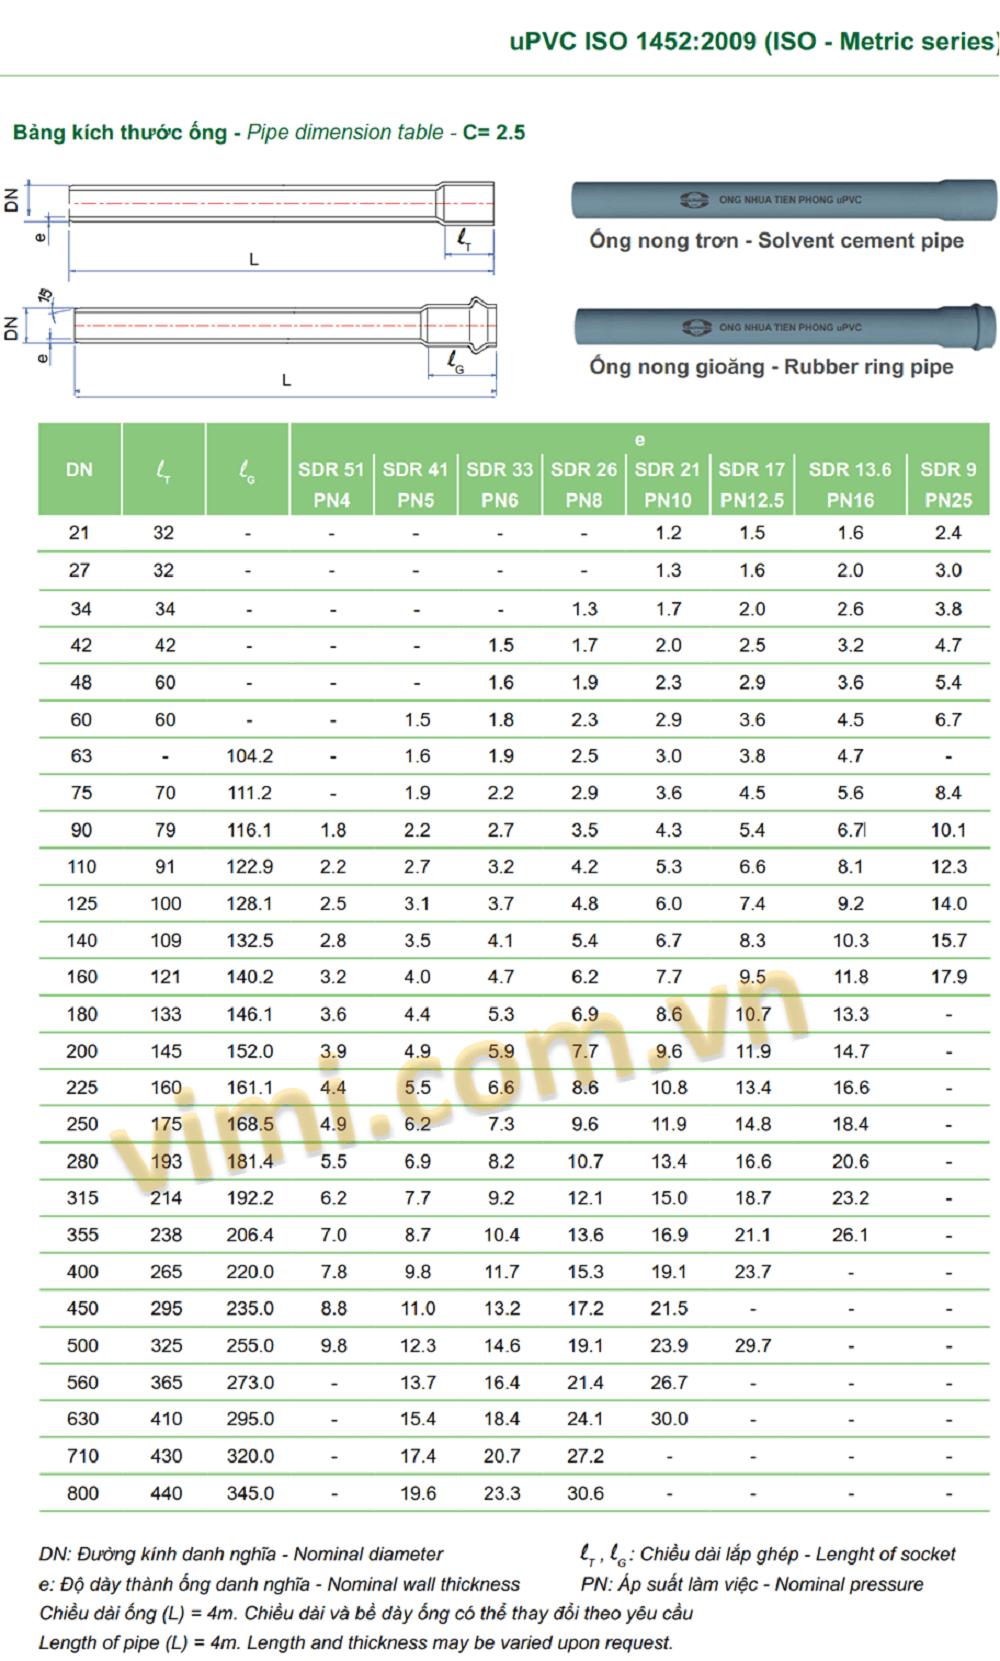 bảng quy đổi kích thước đường ống nhựa quốc nội 33